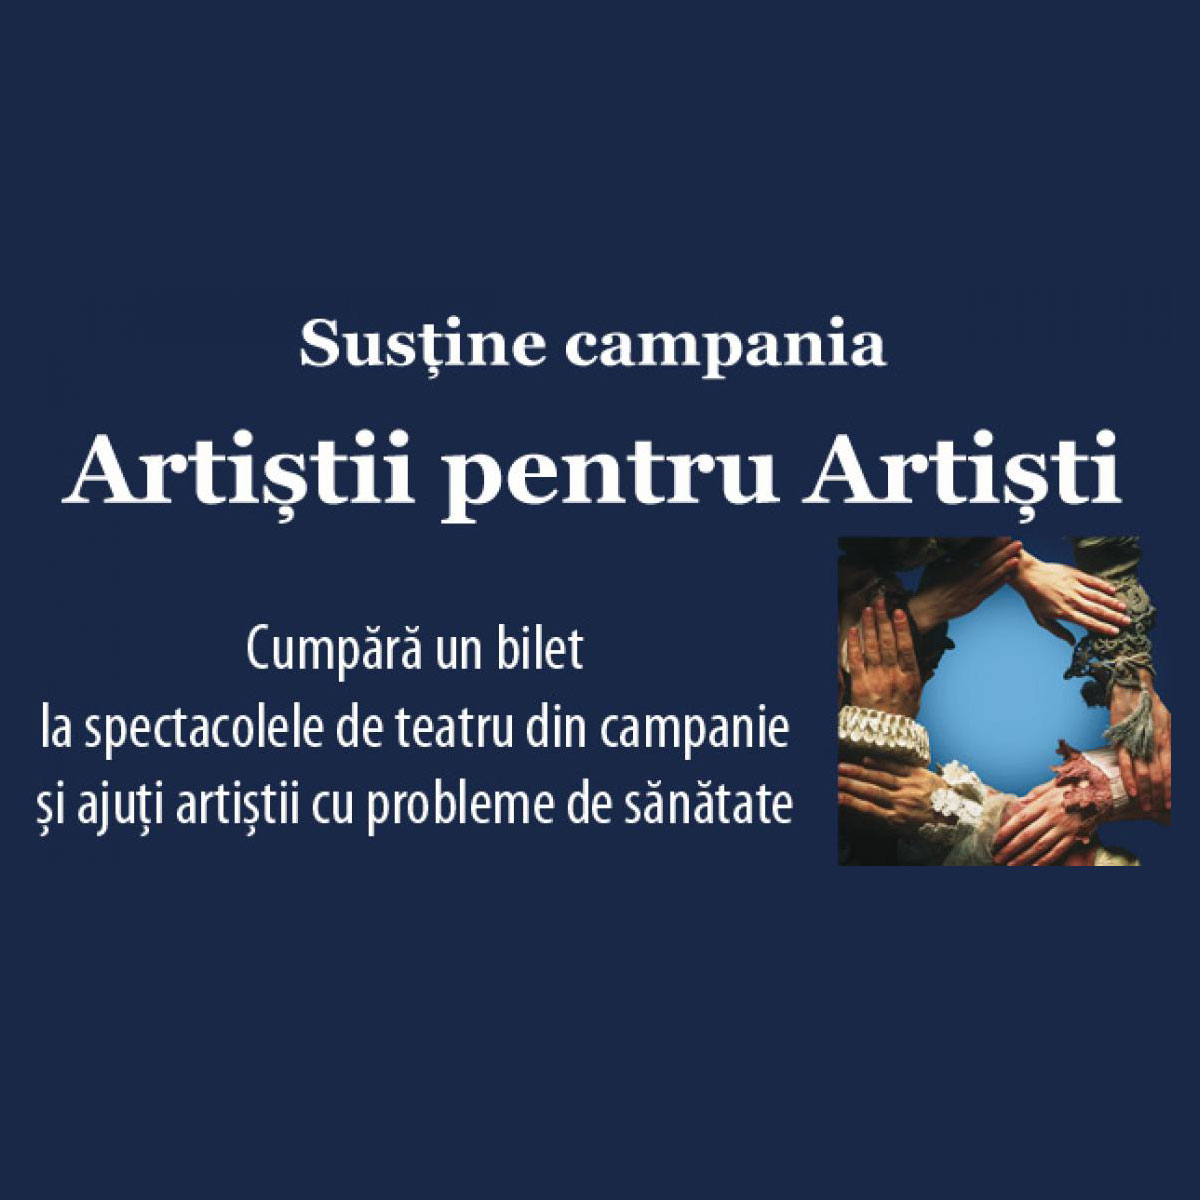 Visătorul Adei Milea în Campania Națională Artiștii pentru Artiști